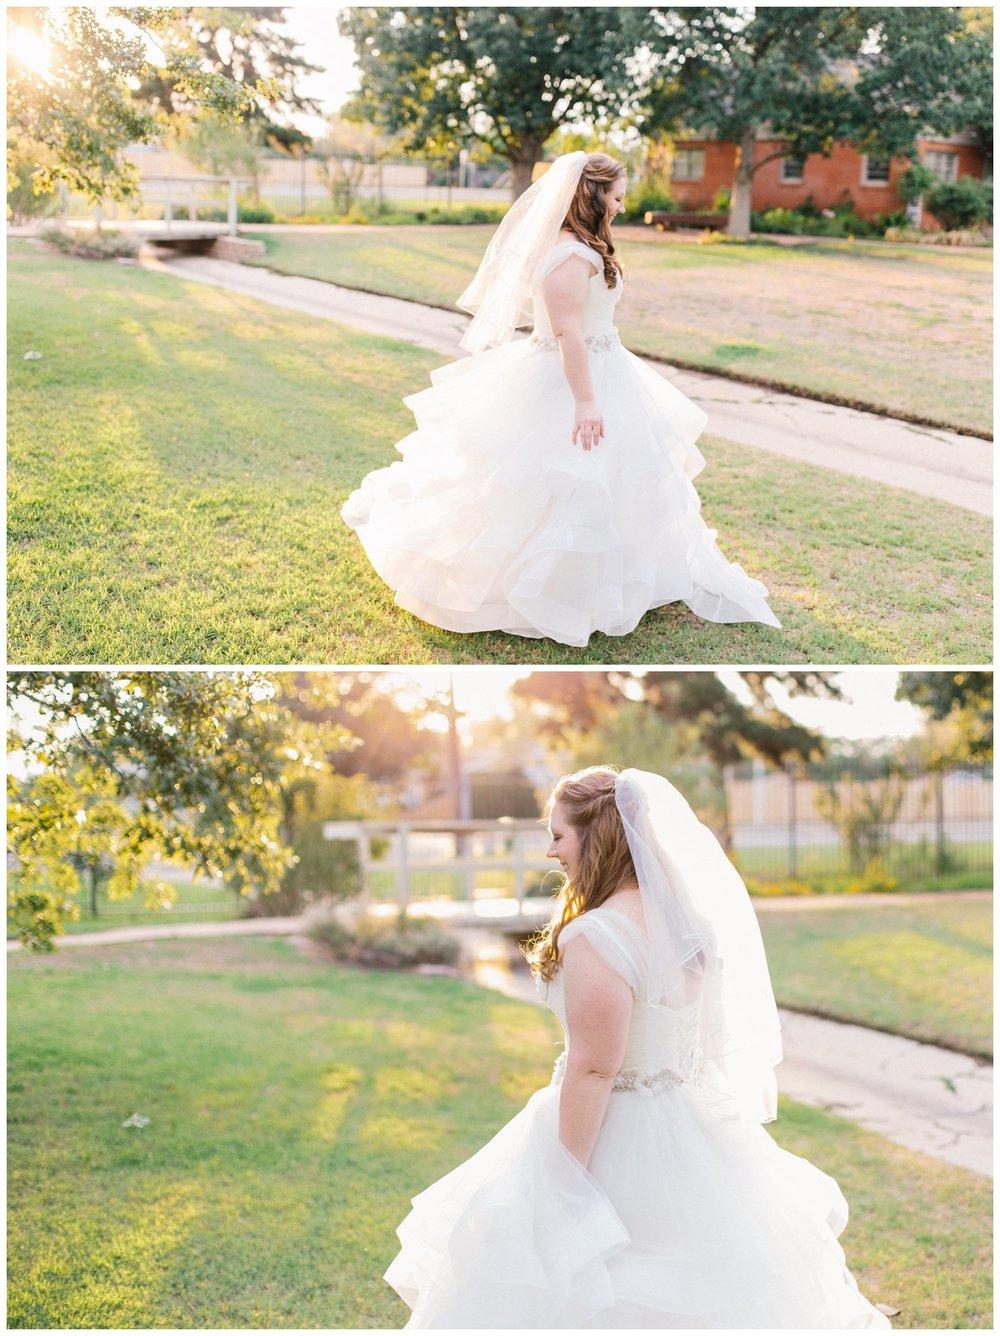 Kamie_Lubbock arboretum bridal portraits_43.jpg